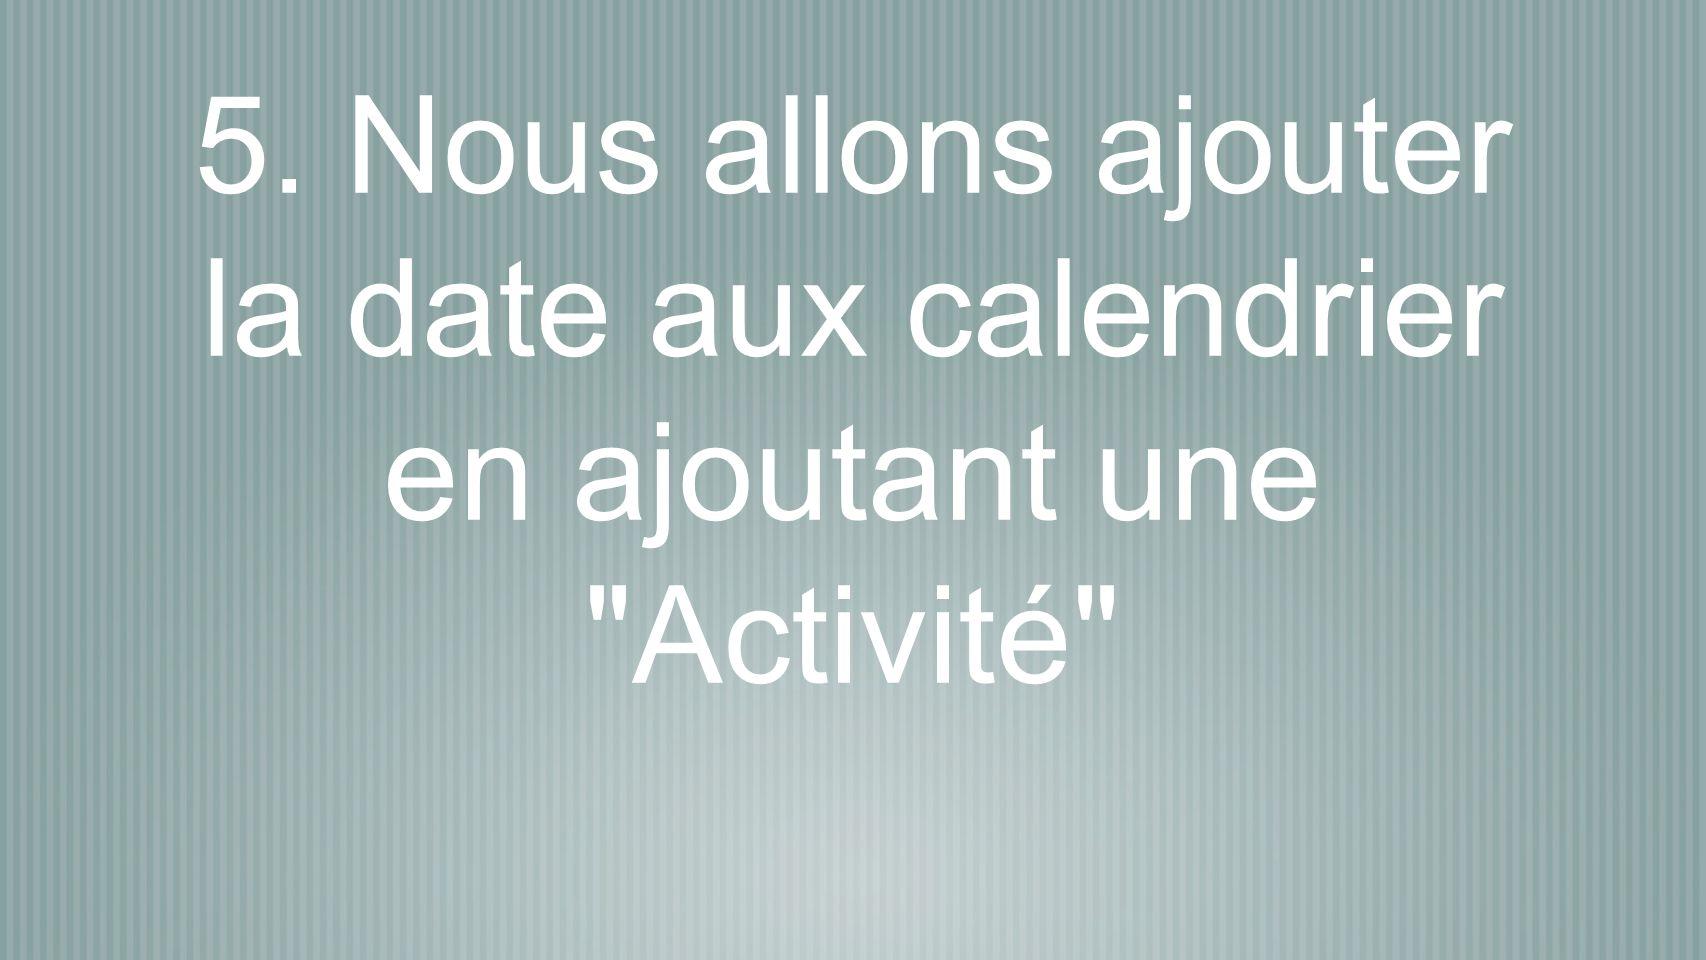 5. Nous allons ajouter la date aux calendrier en ajoutant une Activité